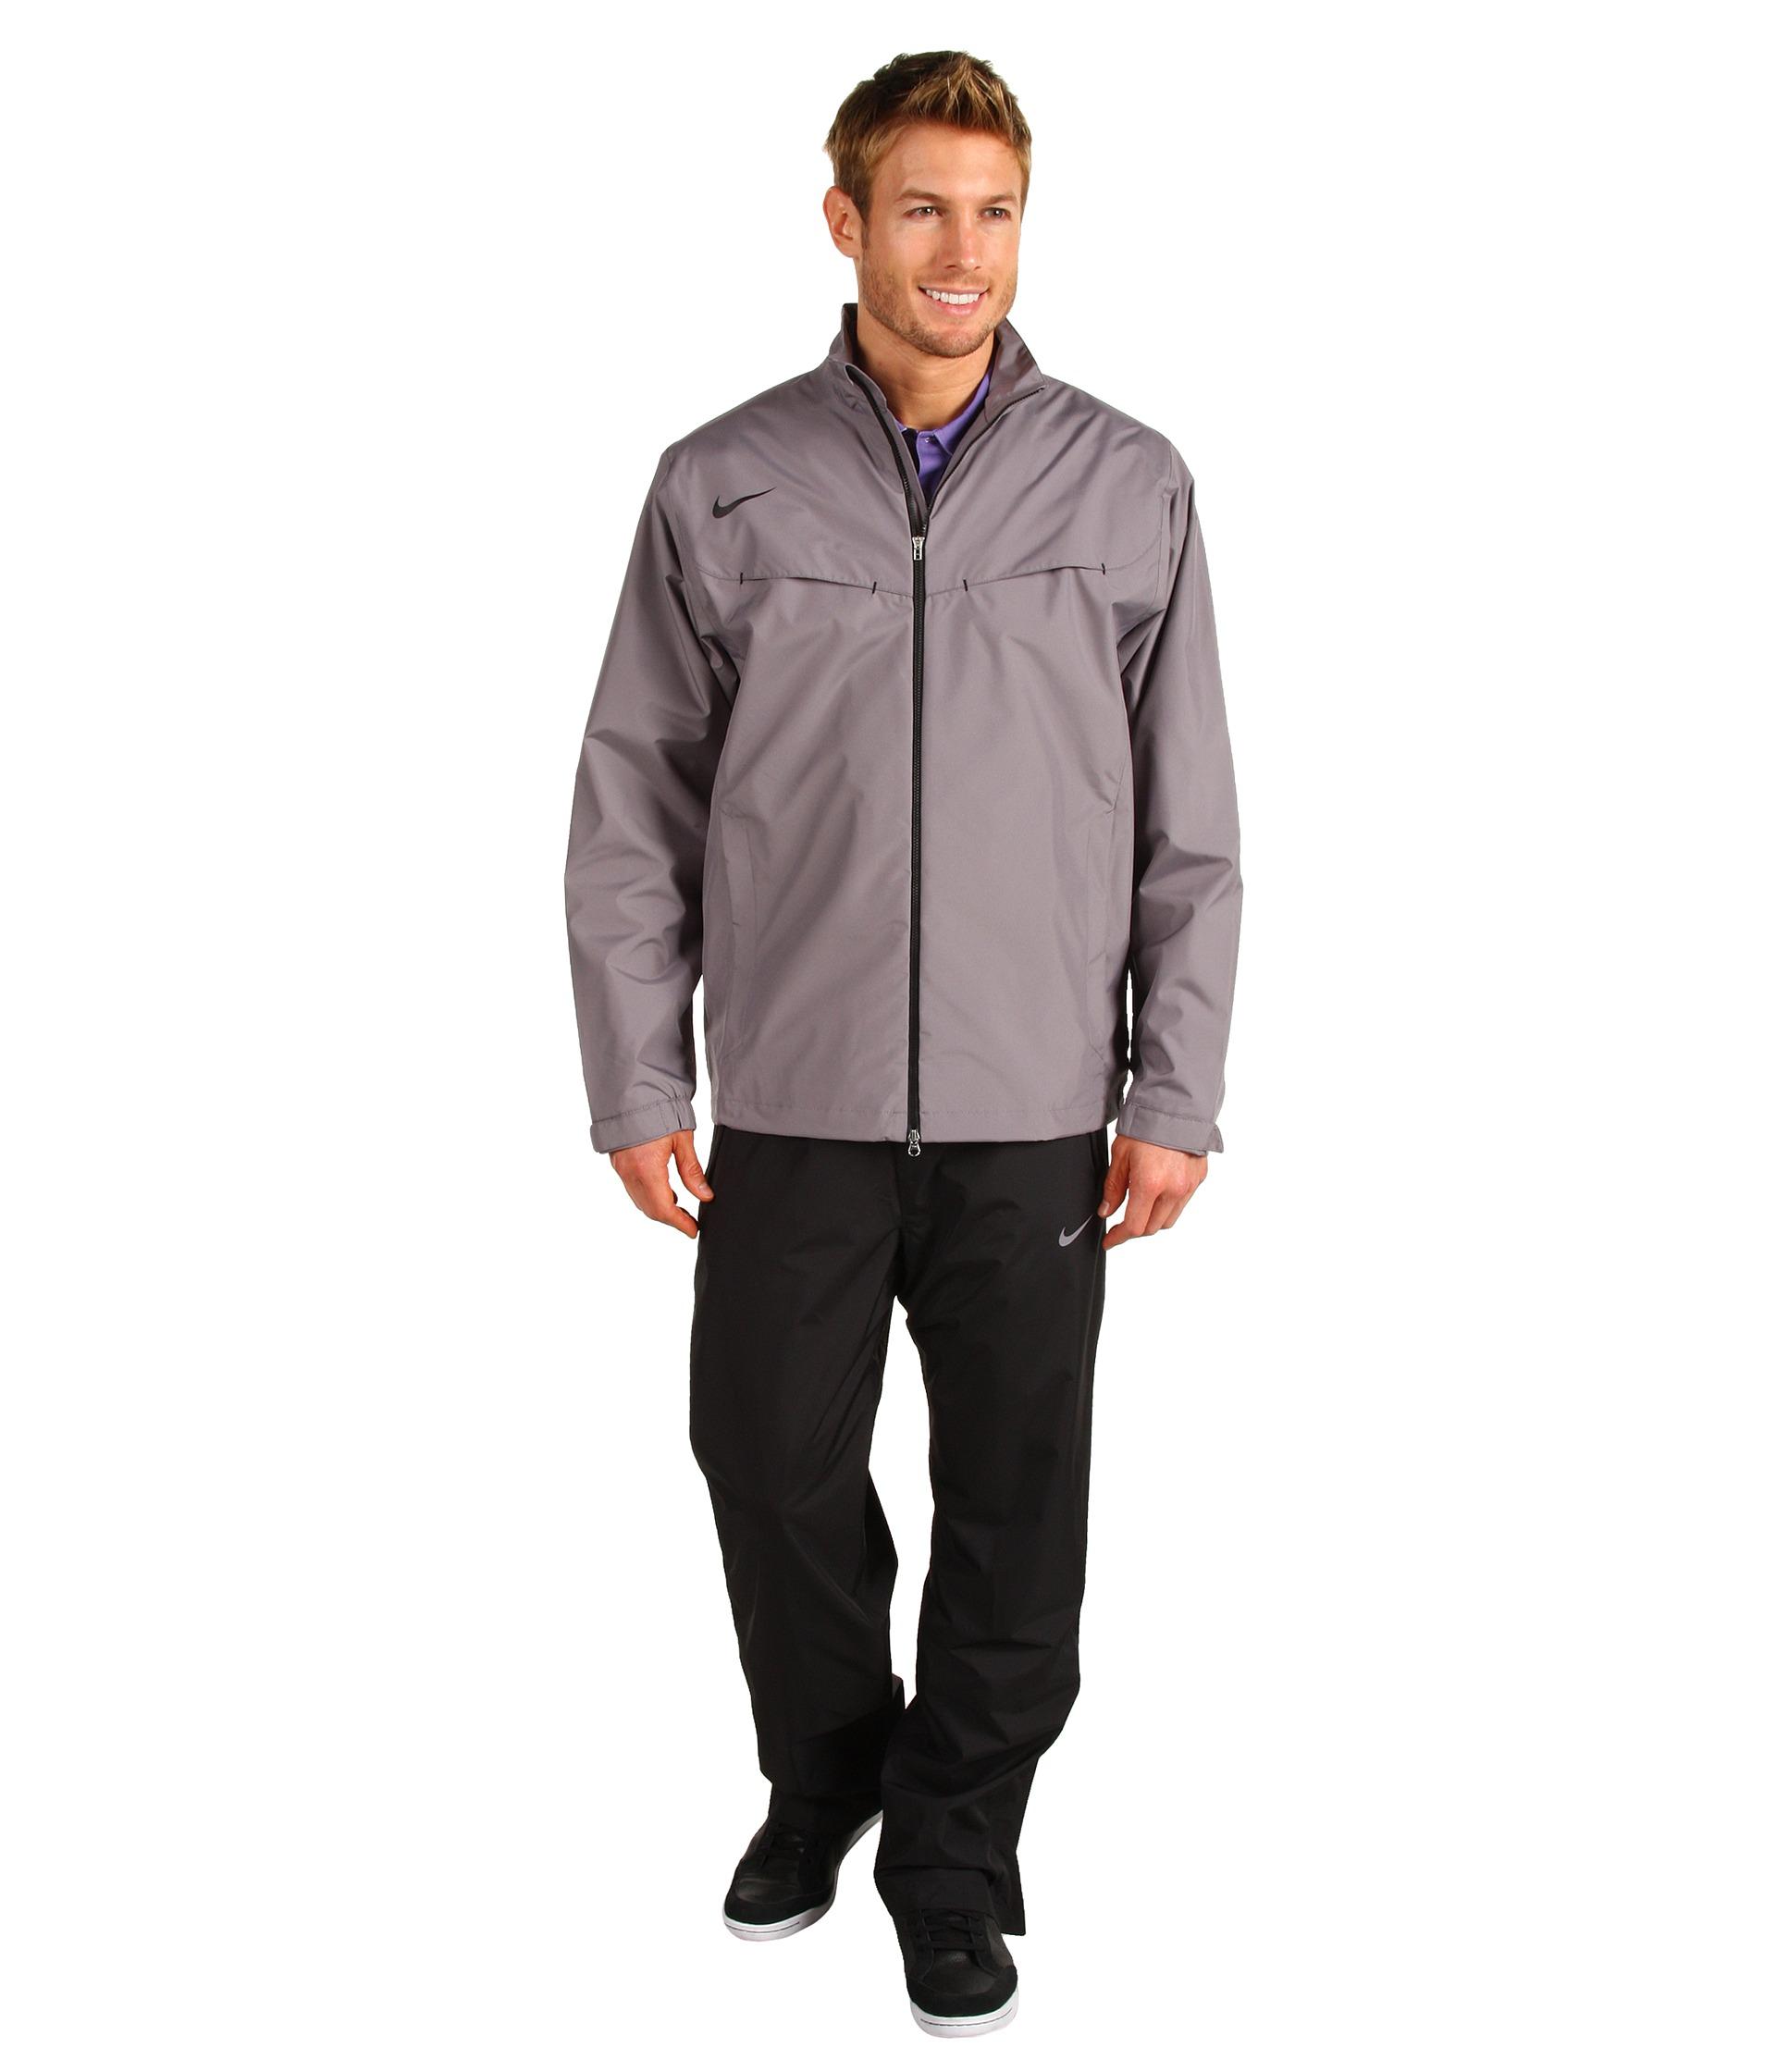 Nike Golf Storm Fit Rain Suit 0f7fc214d3e7